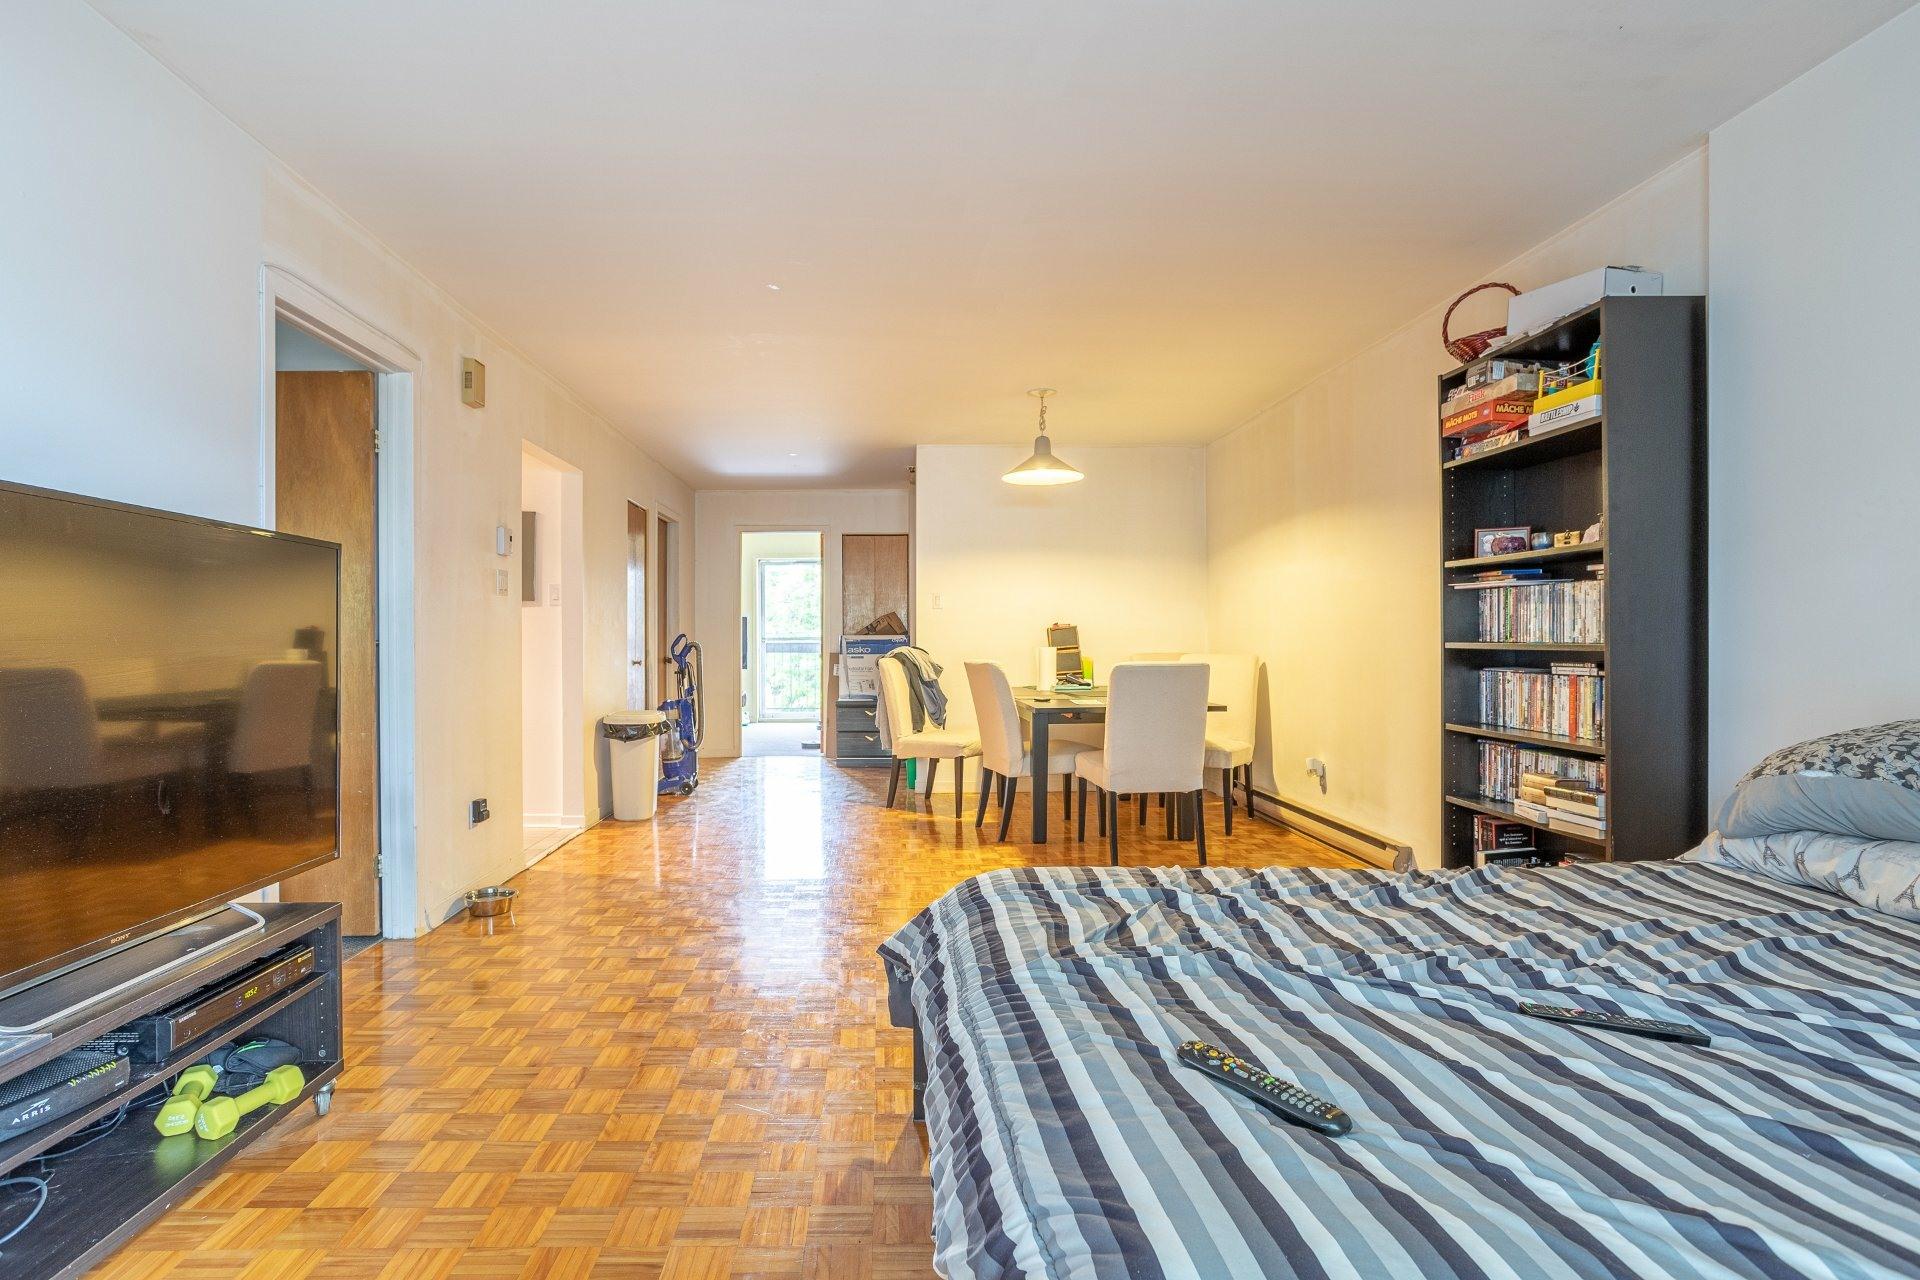 image 20 - Quadruplex For sale Mercier/Hochelaga-Maisonneuve Montréal  - 4 rooms